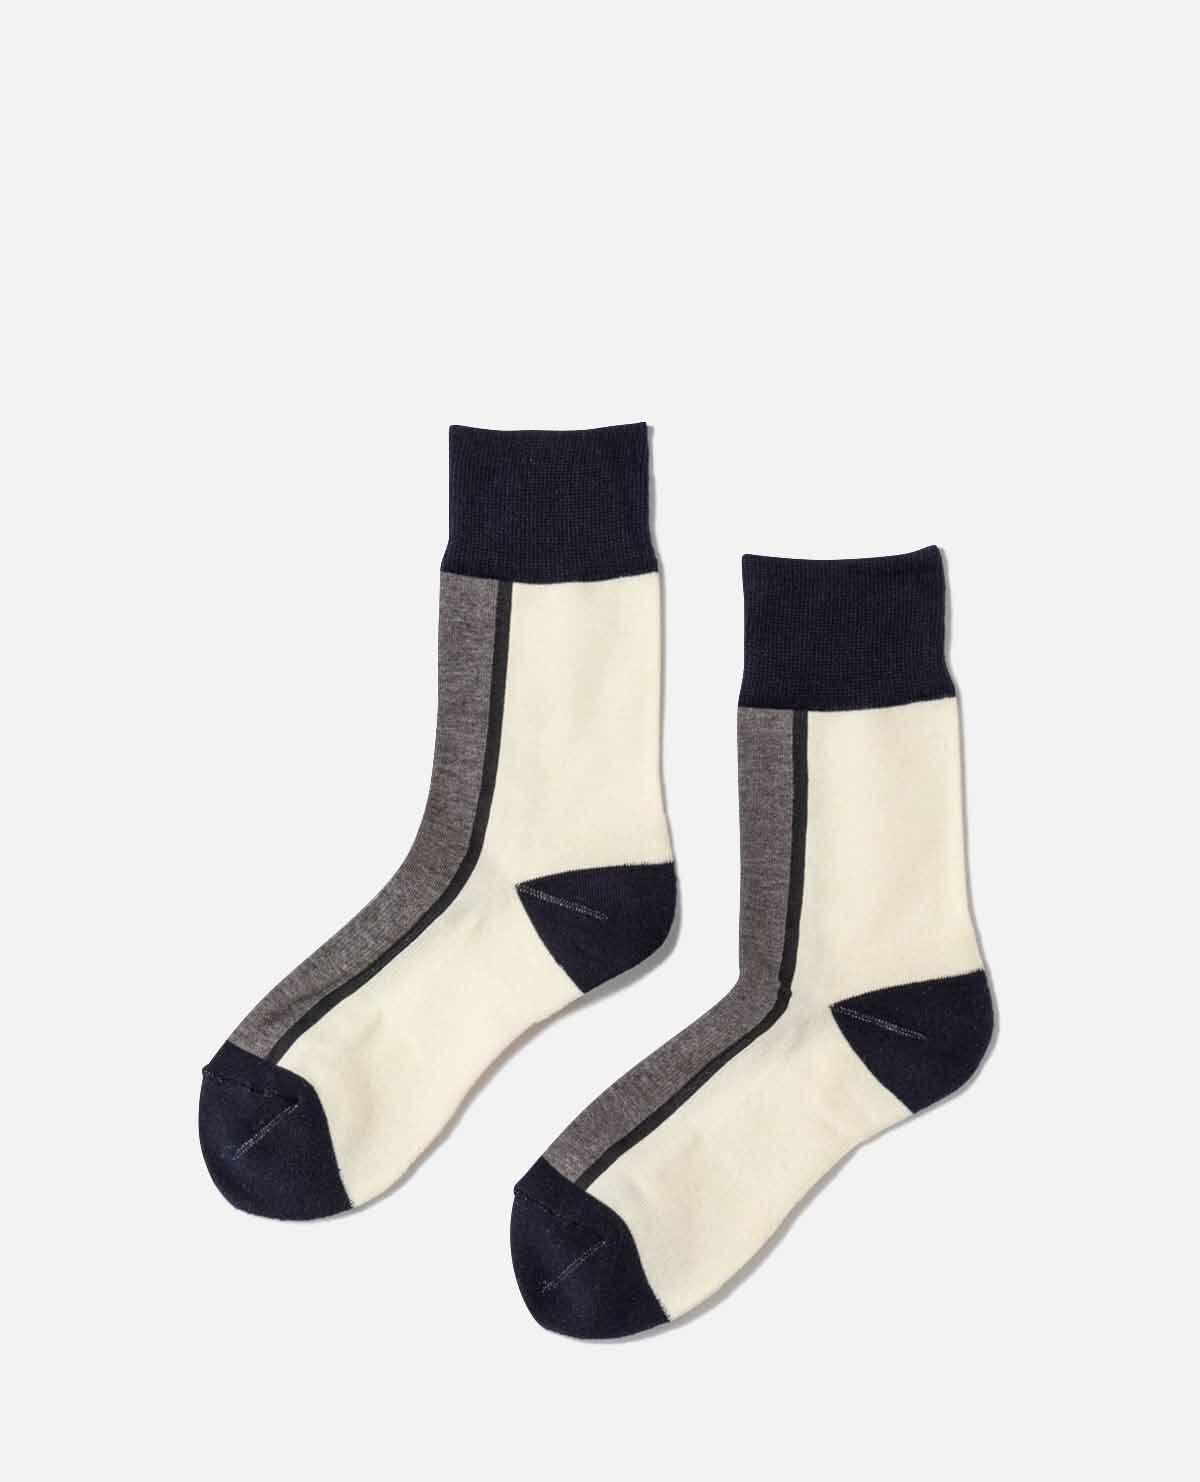 靴下 ブラック アイボリー 2足セット